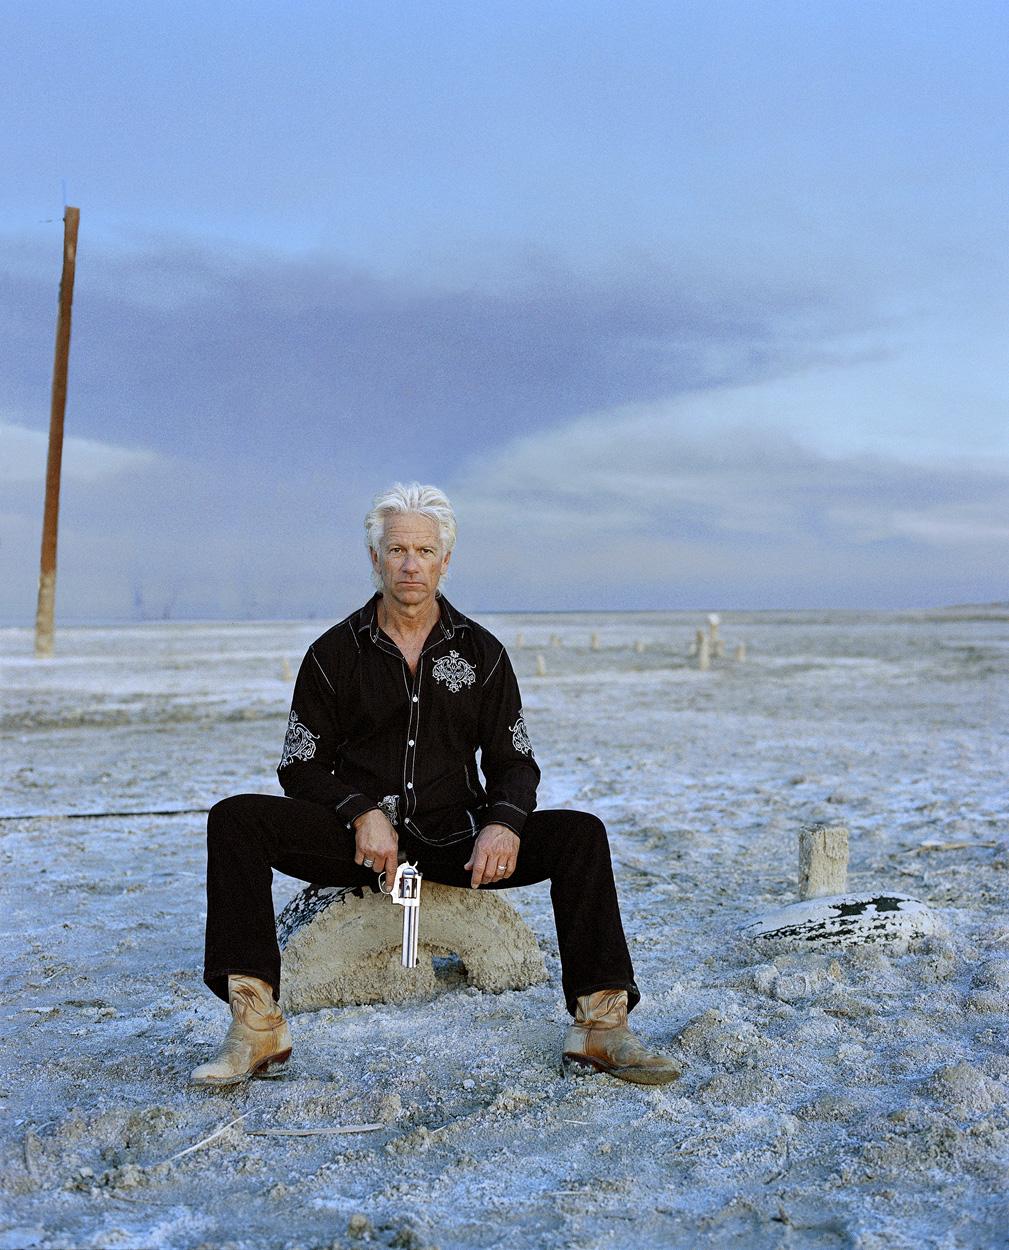 Chris Buck, Salton Sea, CA